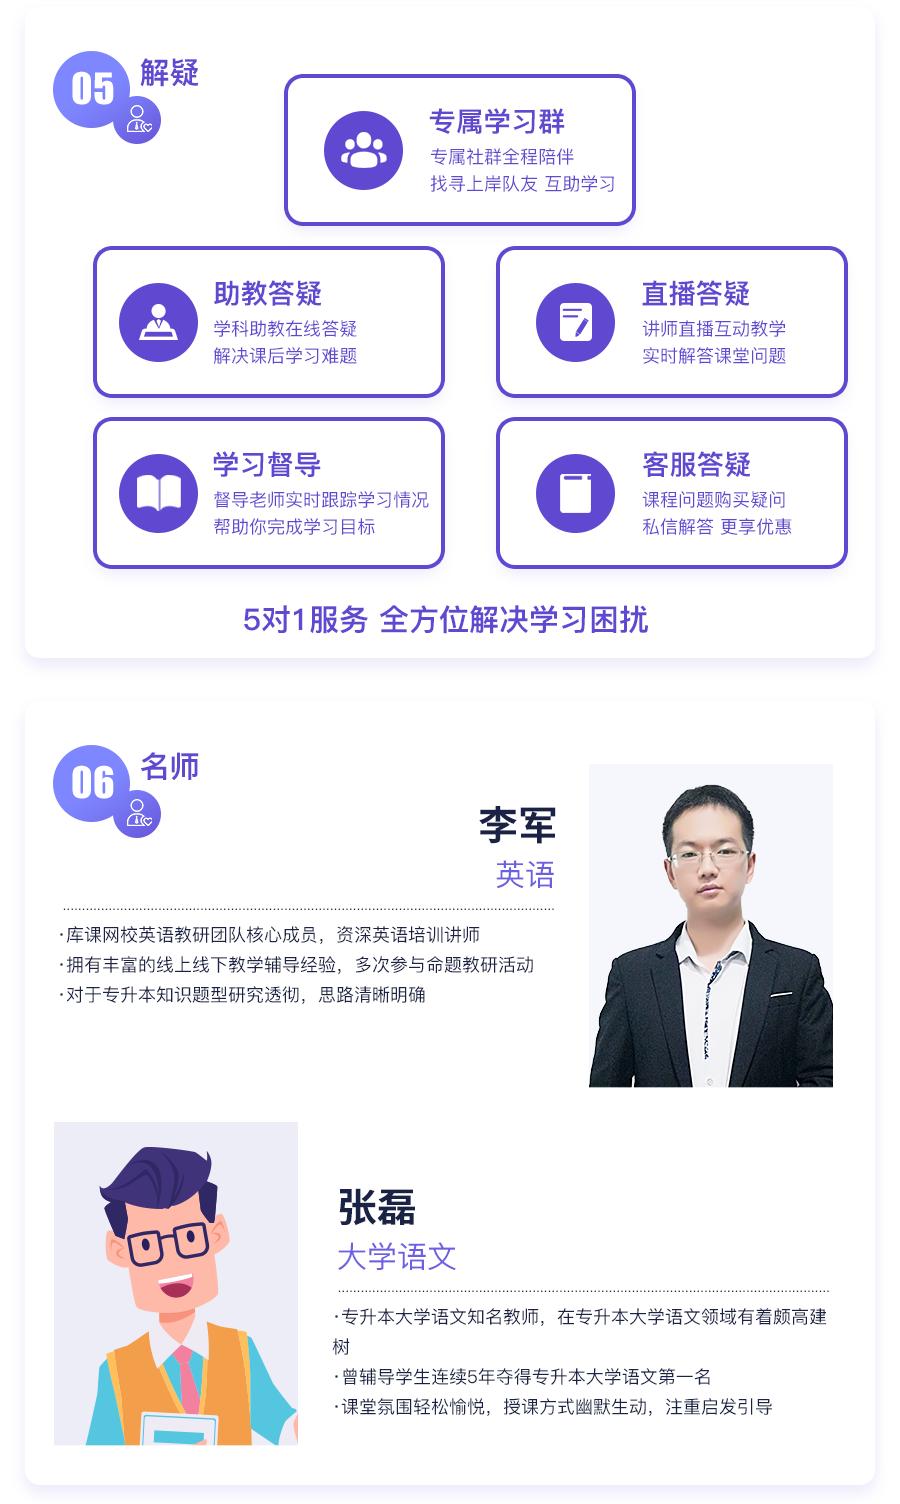 河南英语+语文上岸计划_05.png